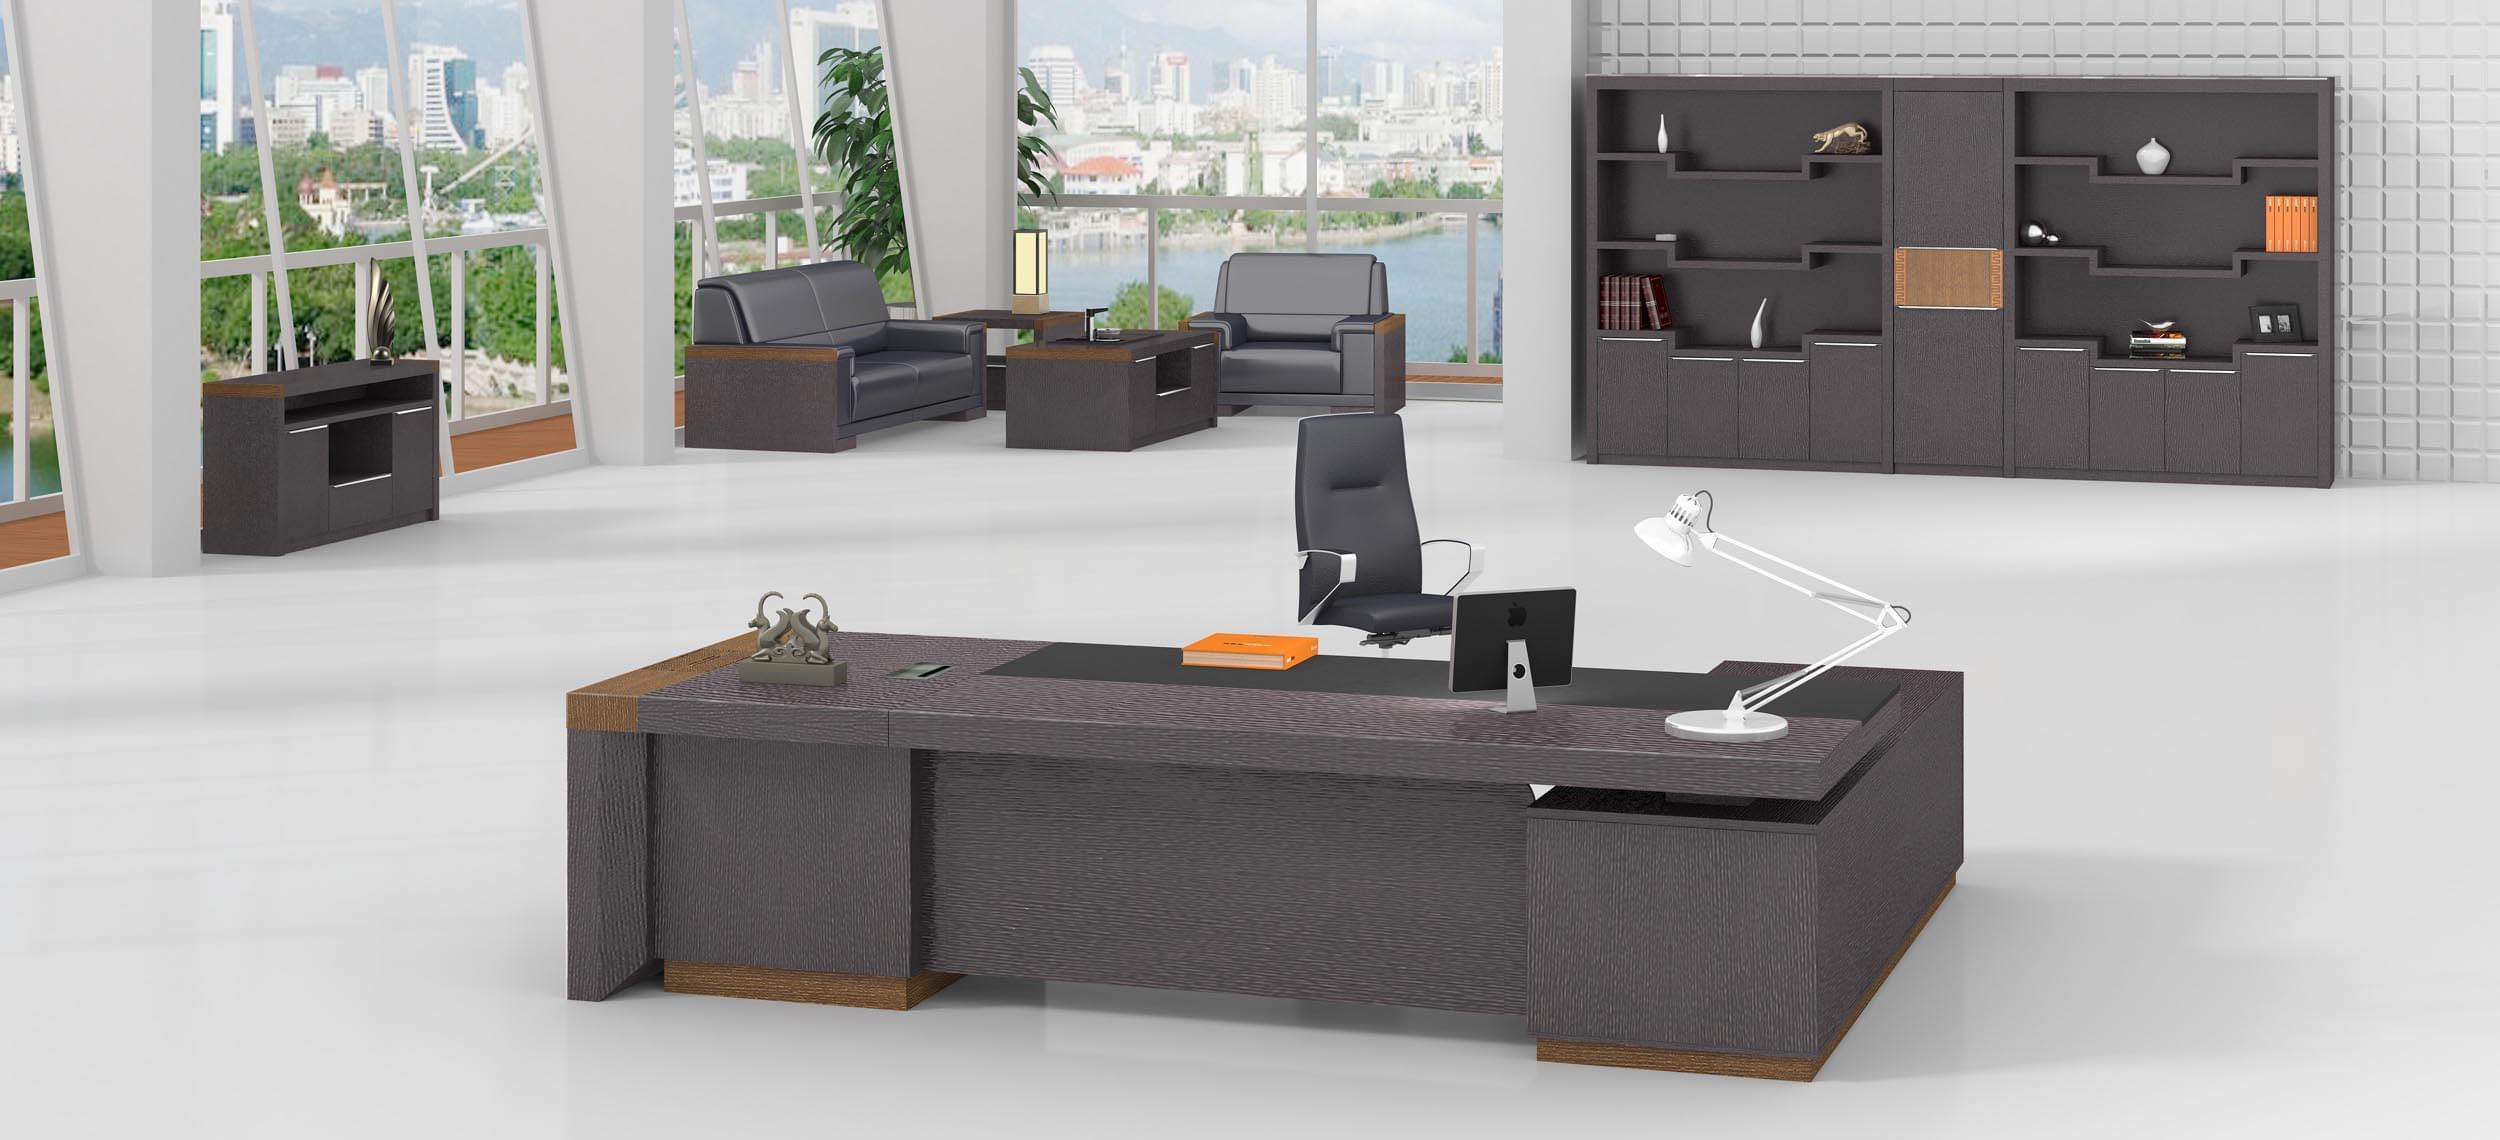 迪歐家具產品中心 使用群體分類 公司企業 事業單位總監用現代風格